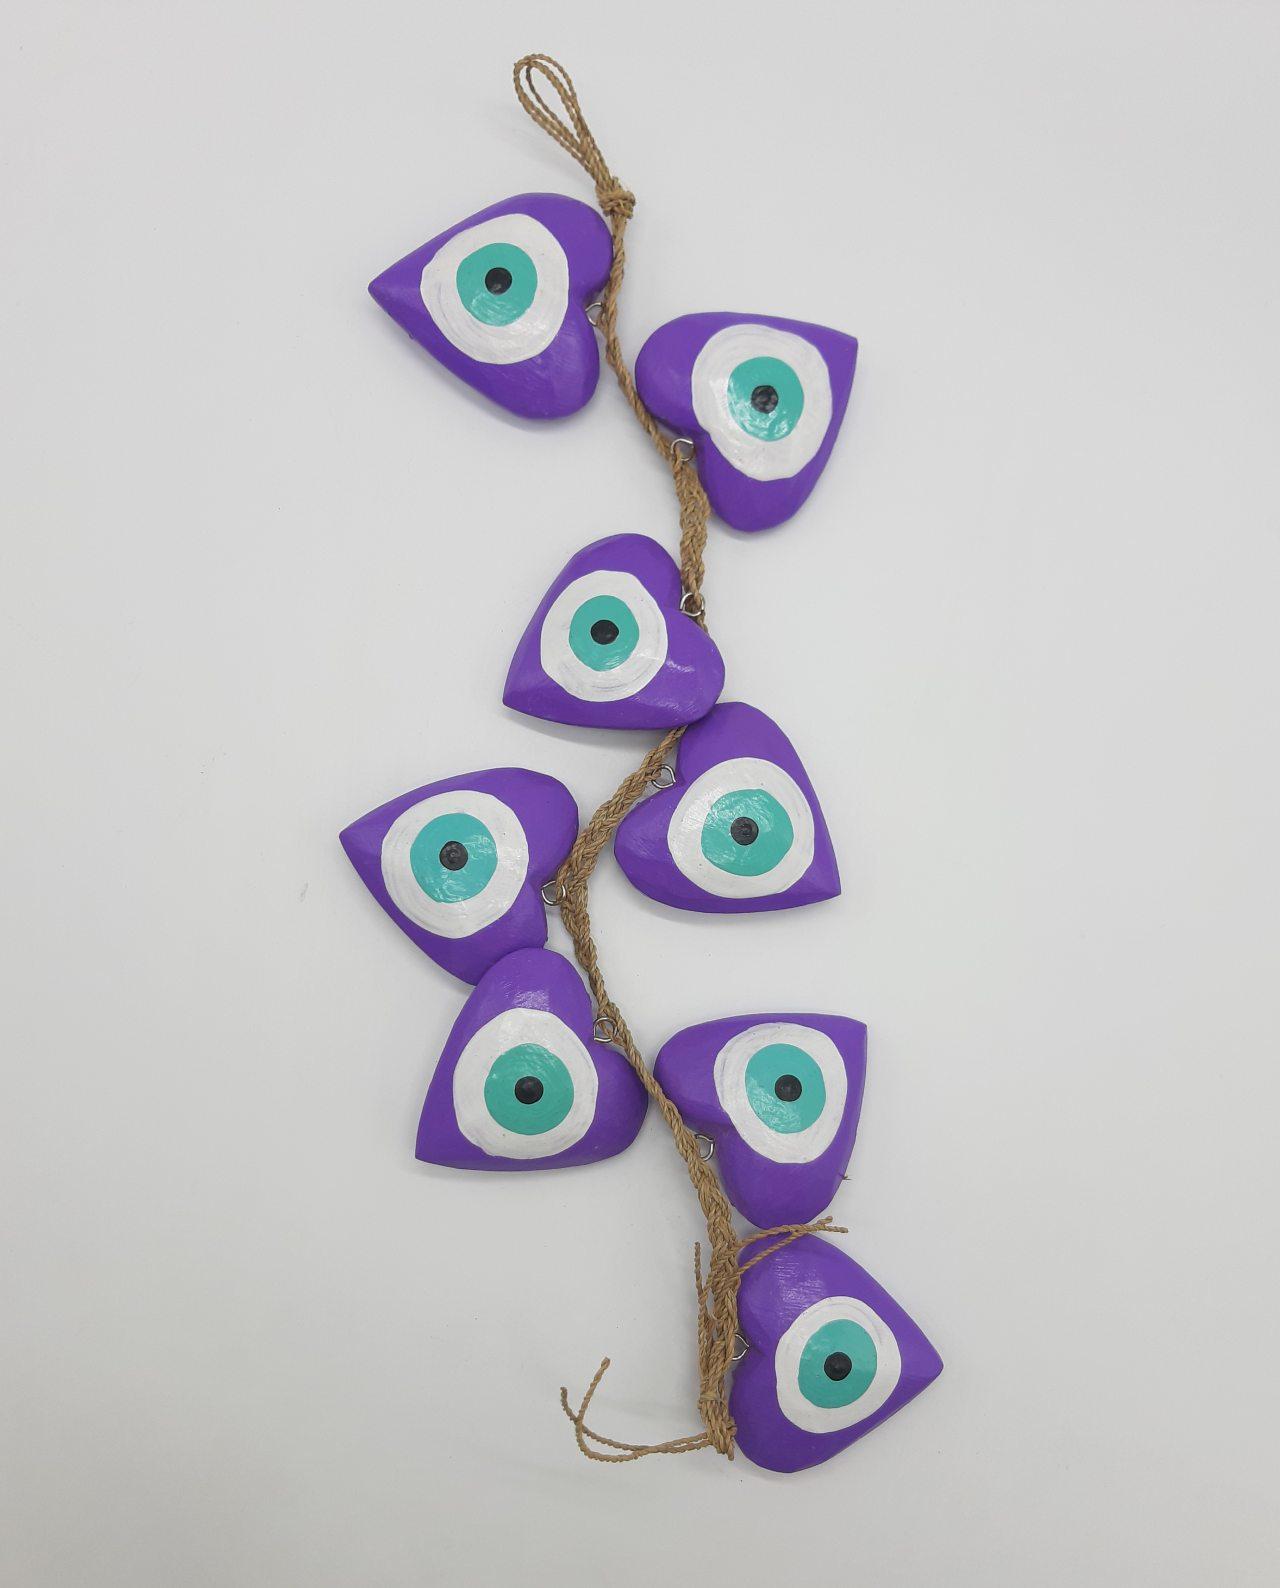 Γιρλάντα 8 καρδιές ματάκι χειροποίητες ξύλινες, μήκος 50 cm χρώμα μωβ